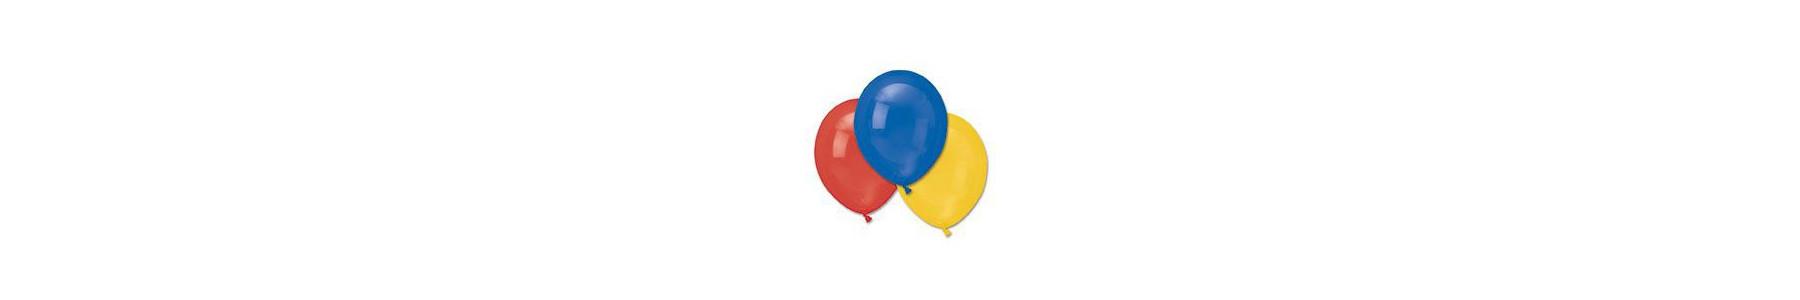 Baloane 26 cm metalizate